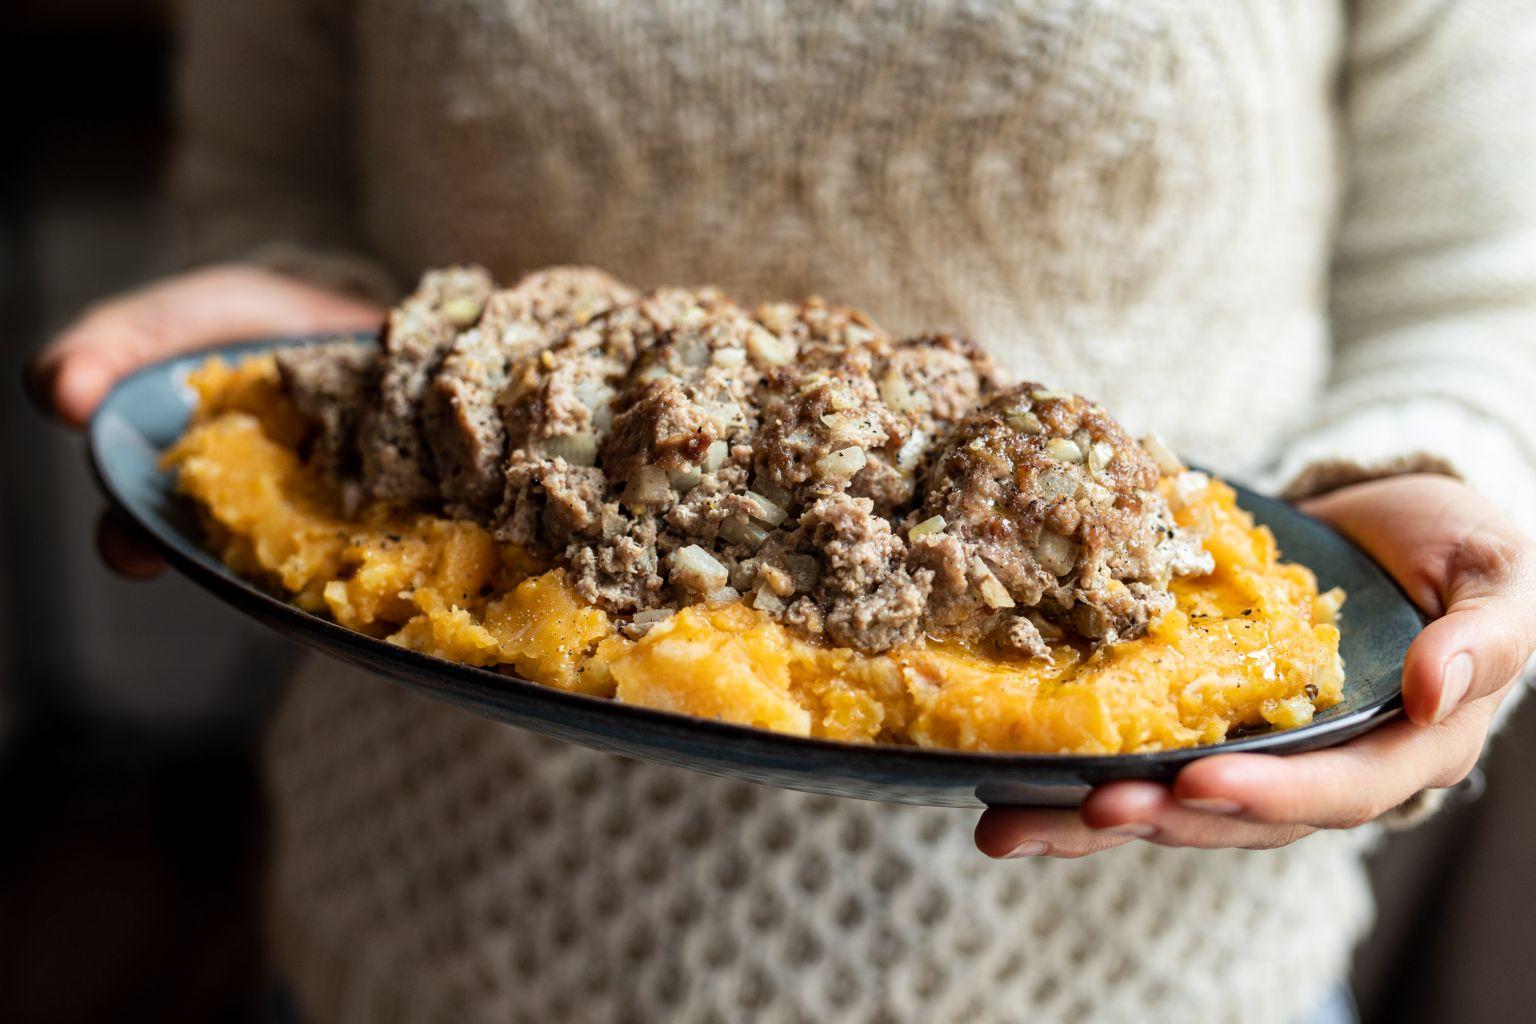 Pain de viande rôti et purée de patate douce